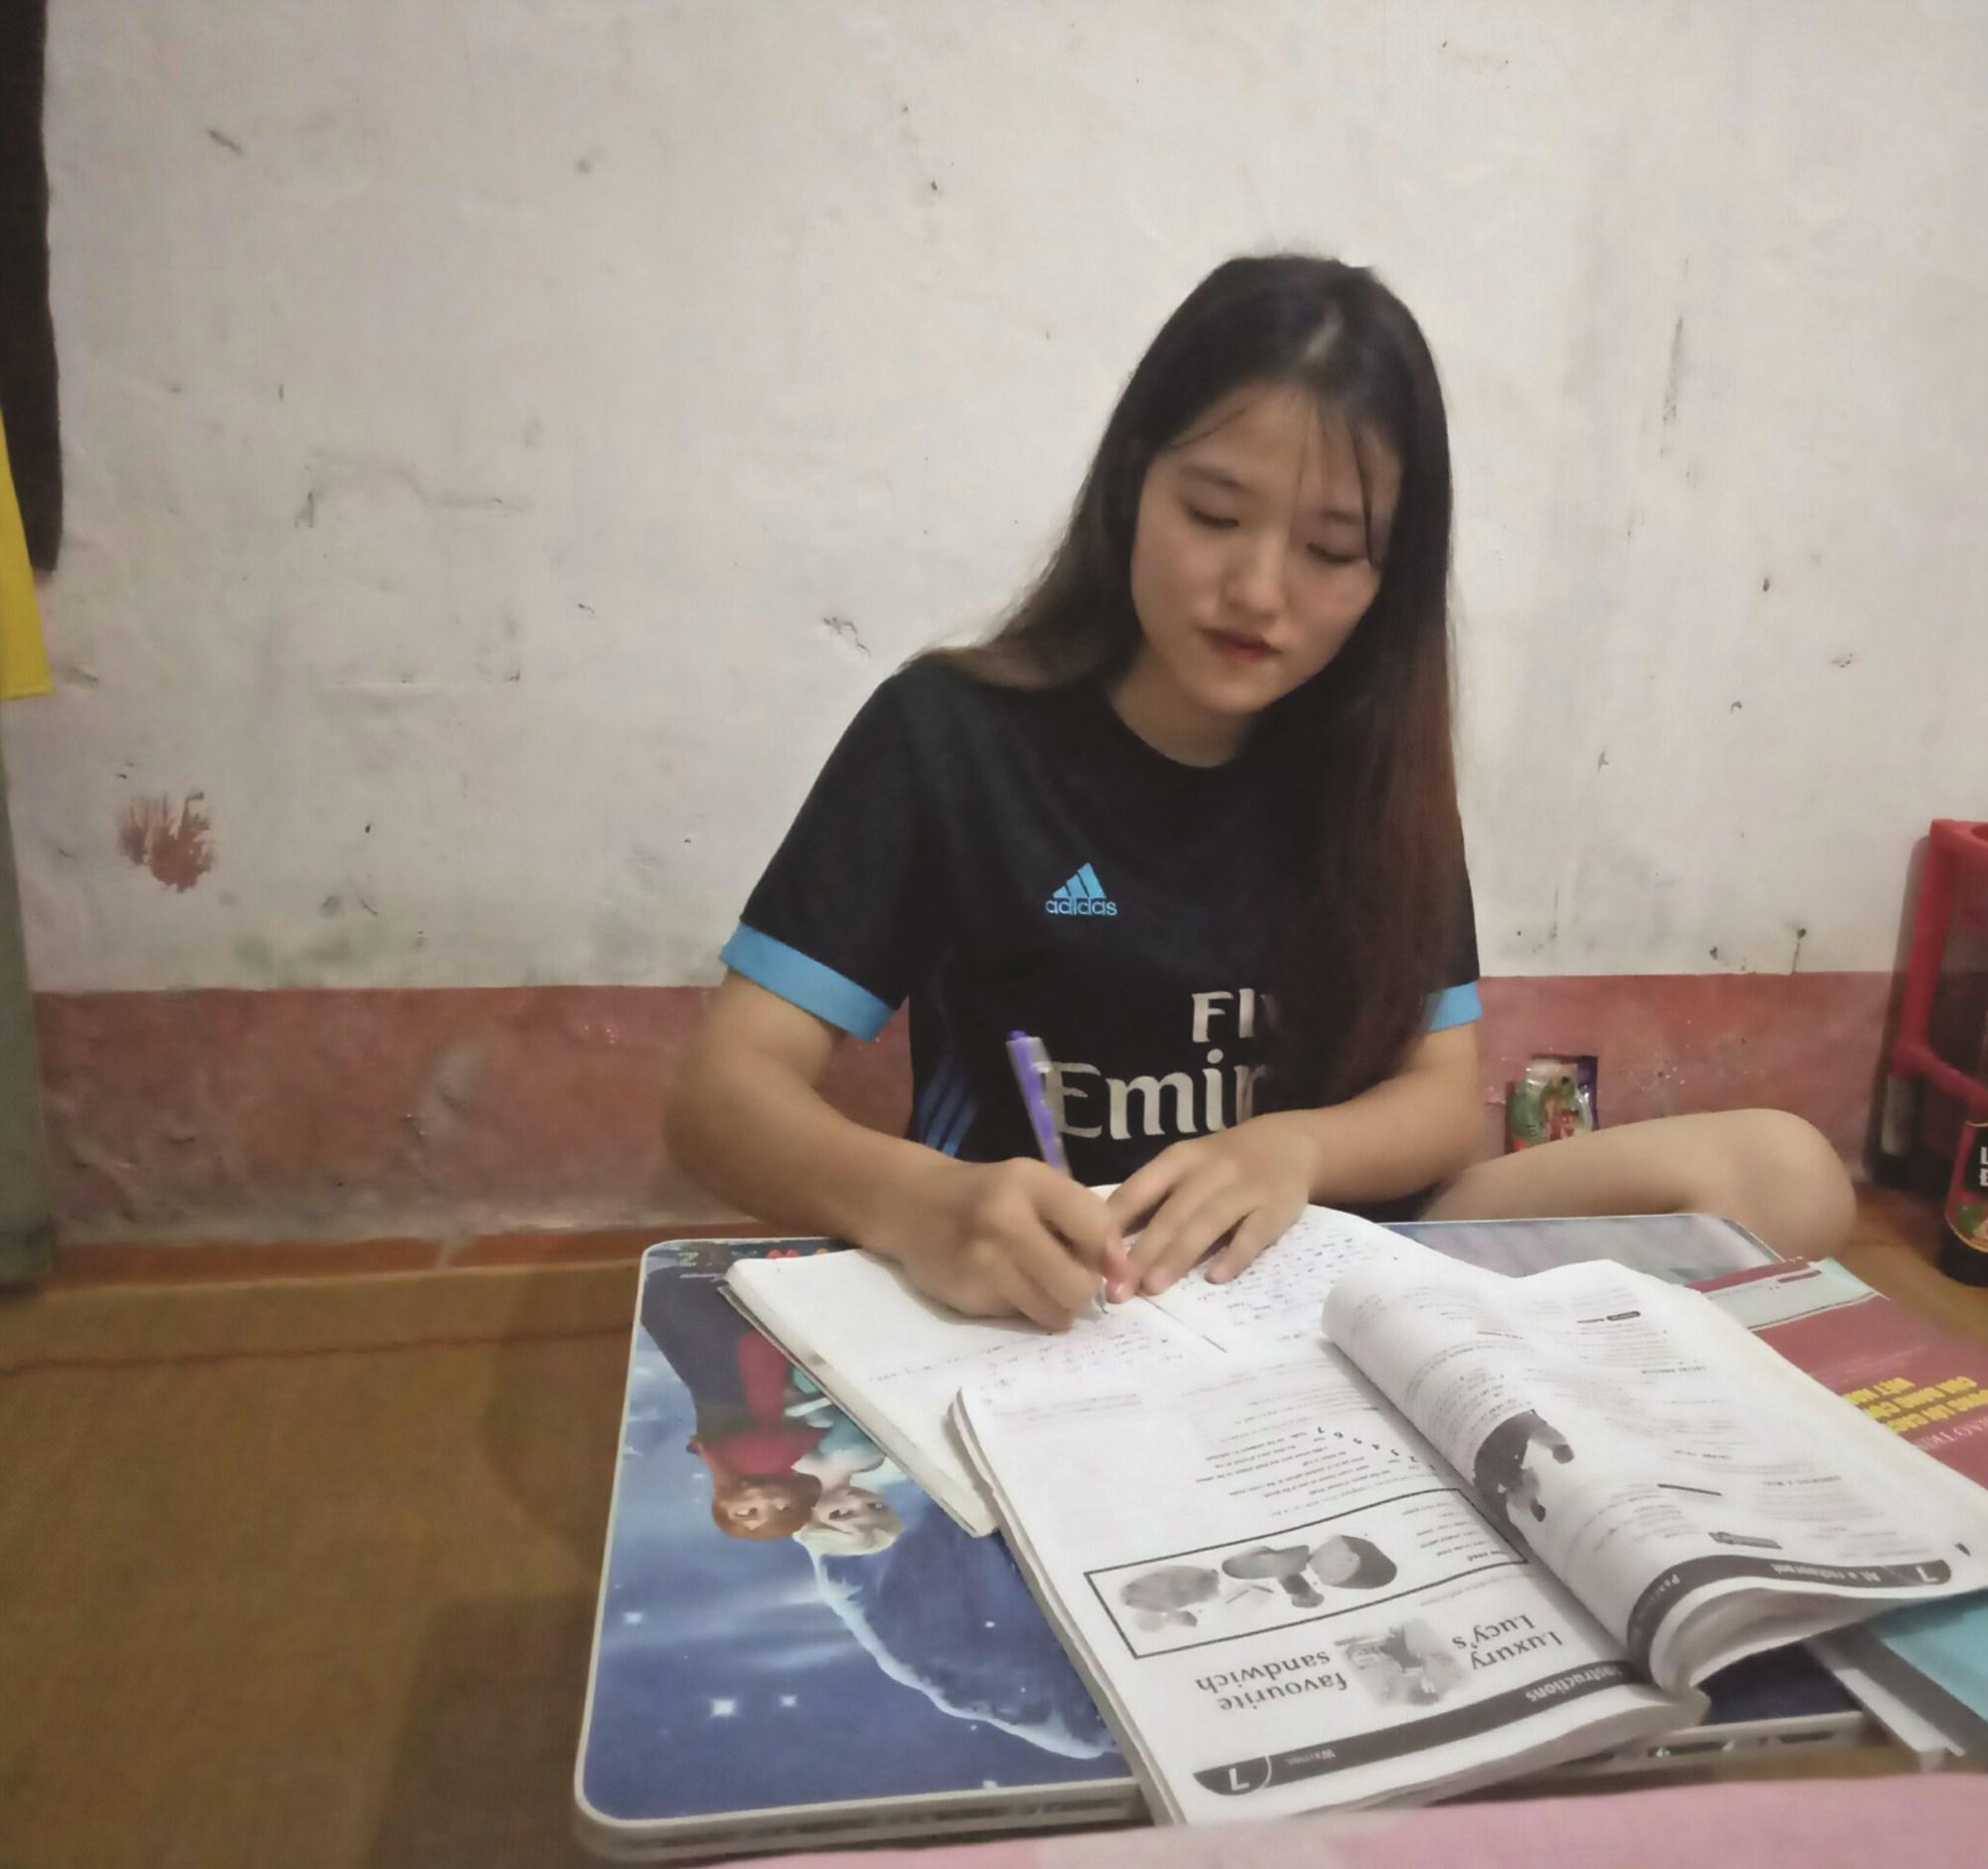 Em Lý Cố Hoa rèn luyện bản thân, trau dồi kiến thức để thực hiện ước mơ của mình